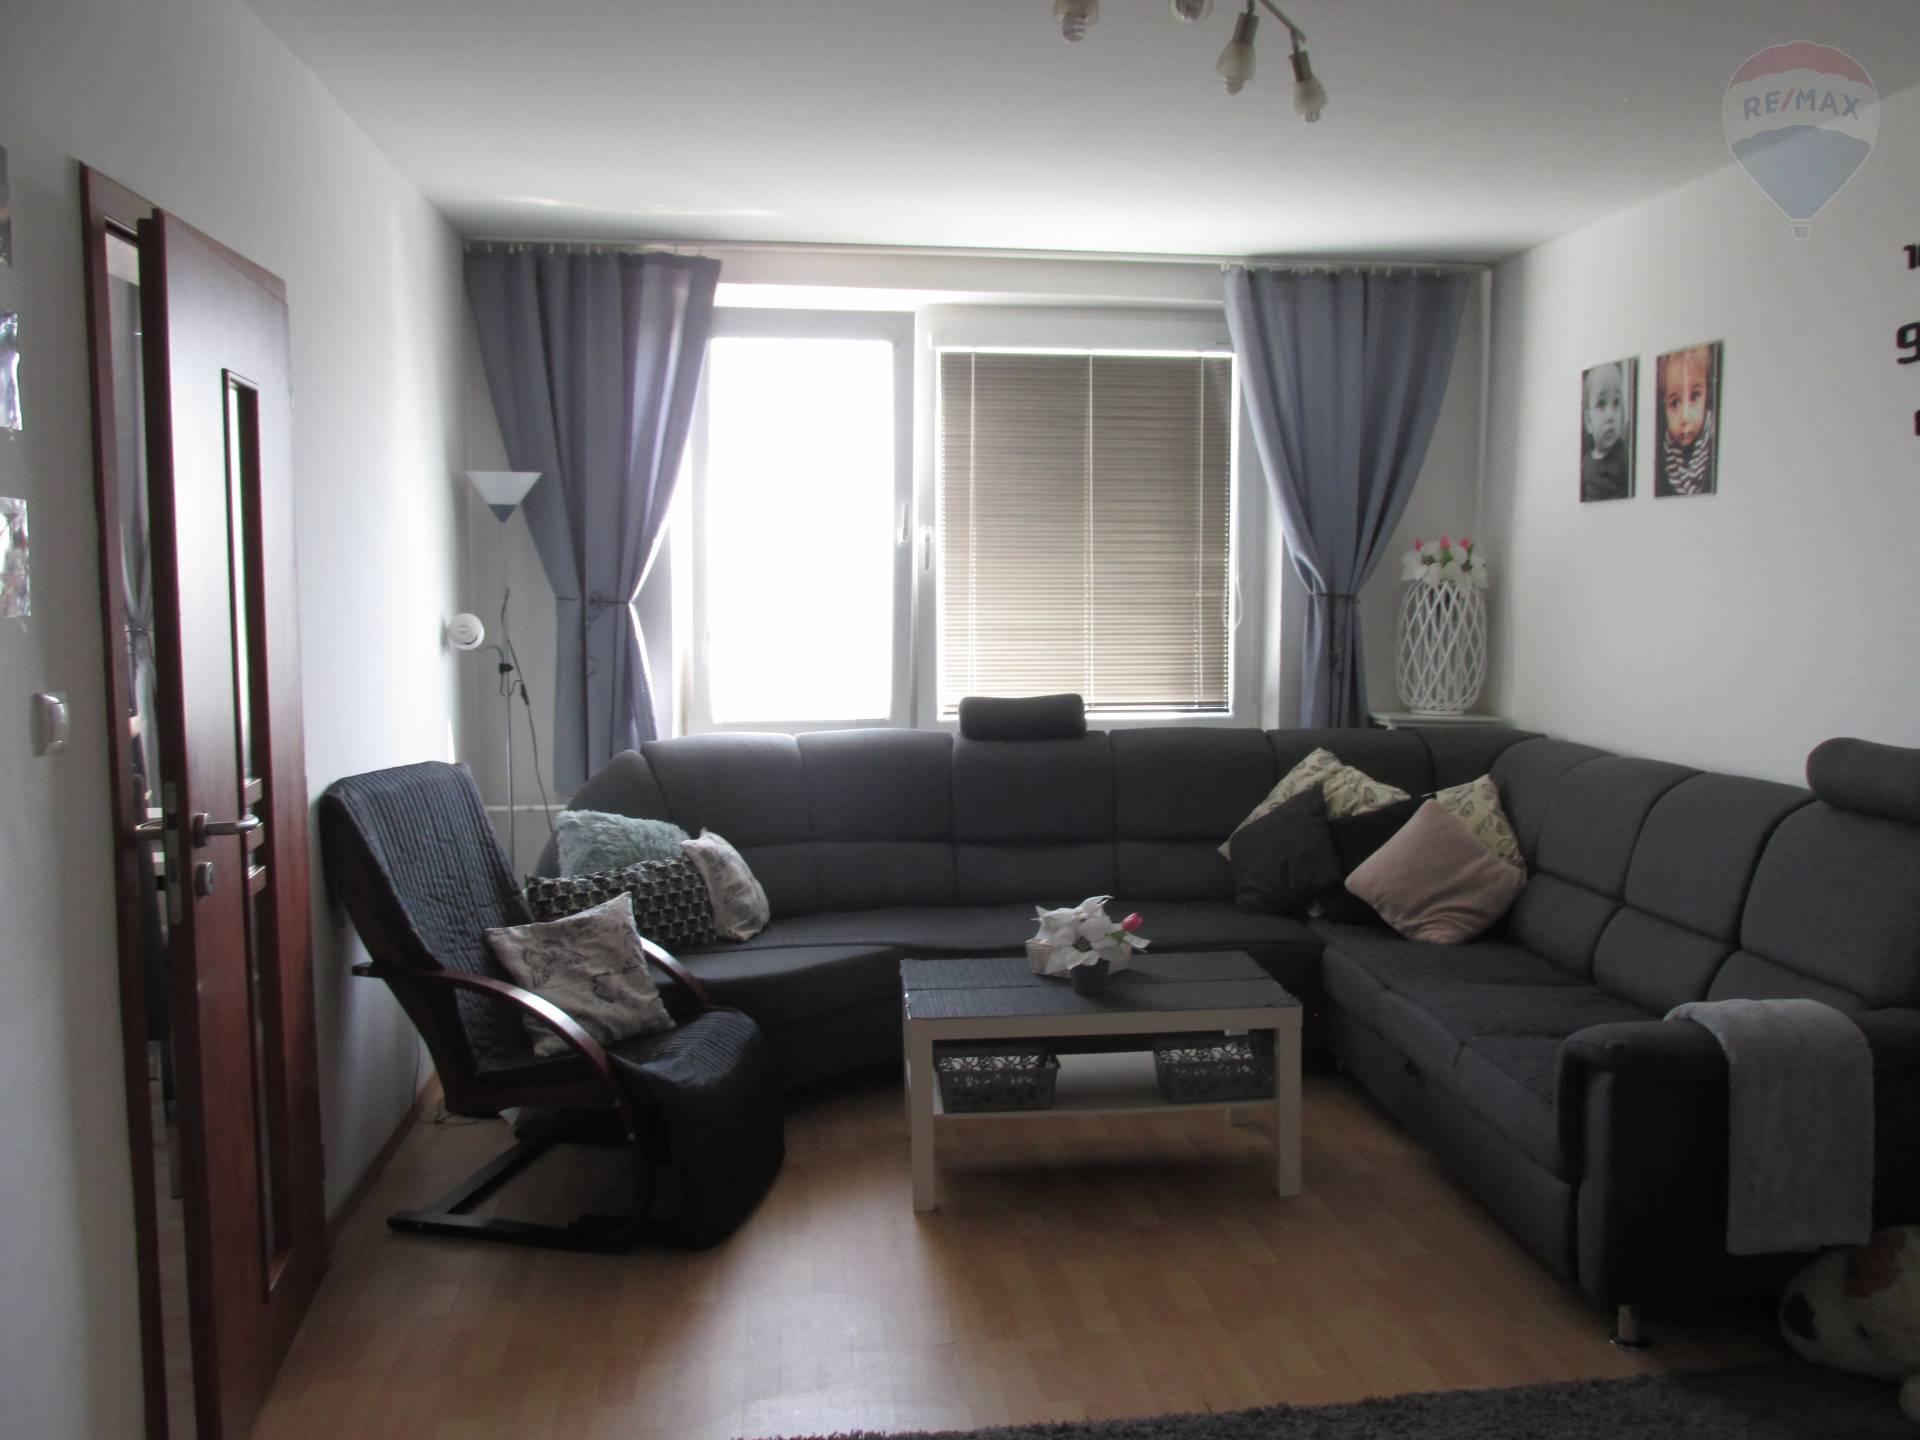 Predaj: TOP PONUKA! Pekný 3 izbový byt, 72 m2, Galanta, štvrť SNP v blízkosti nákupných centier.